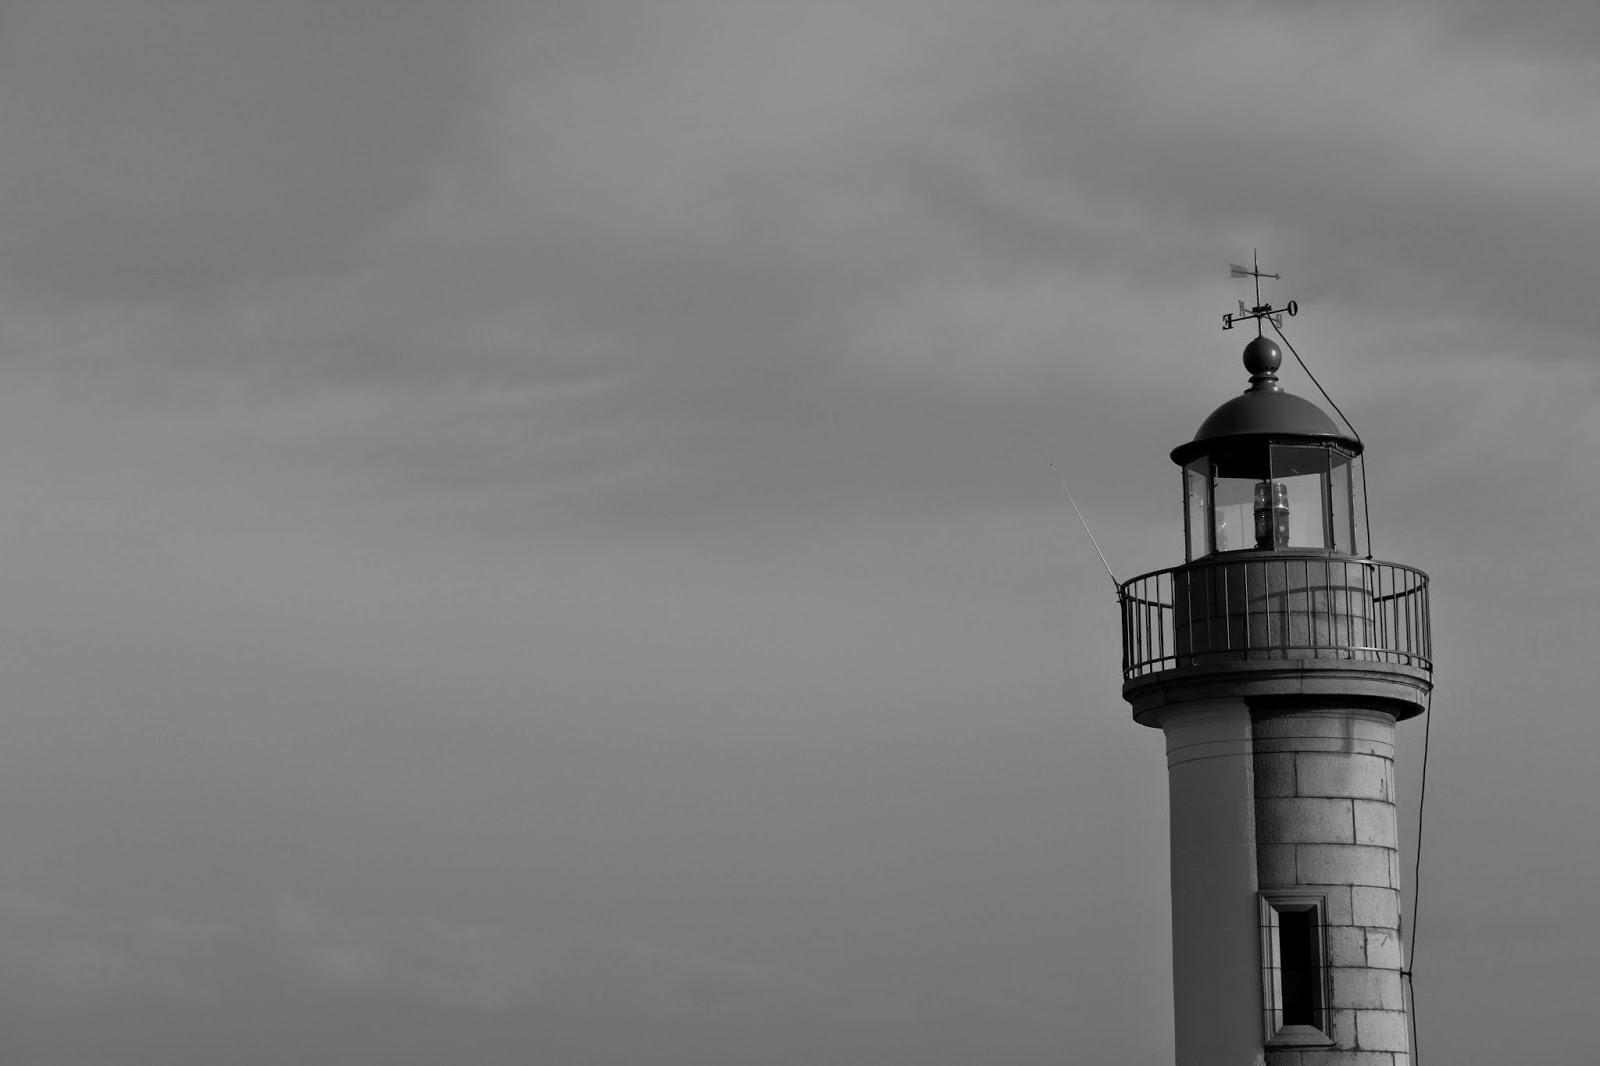 Phare breton en noir et blanc